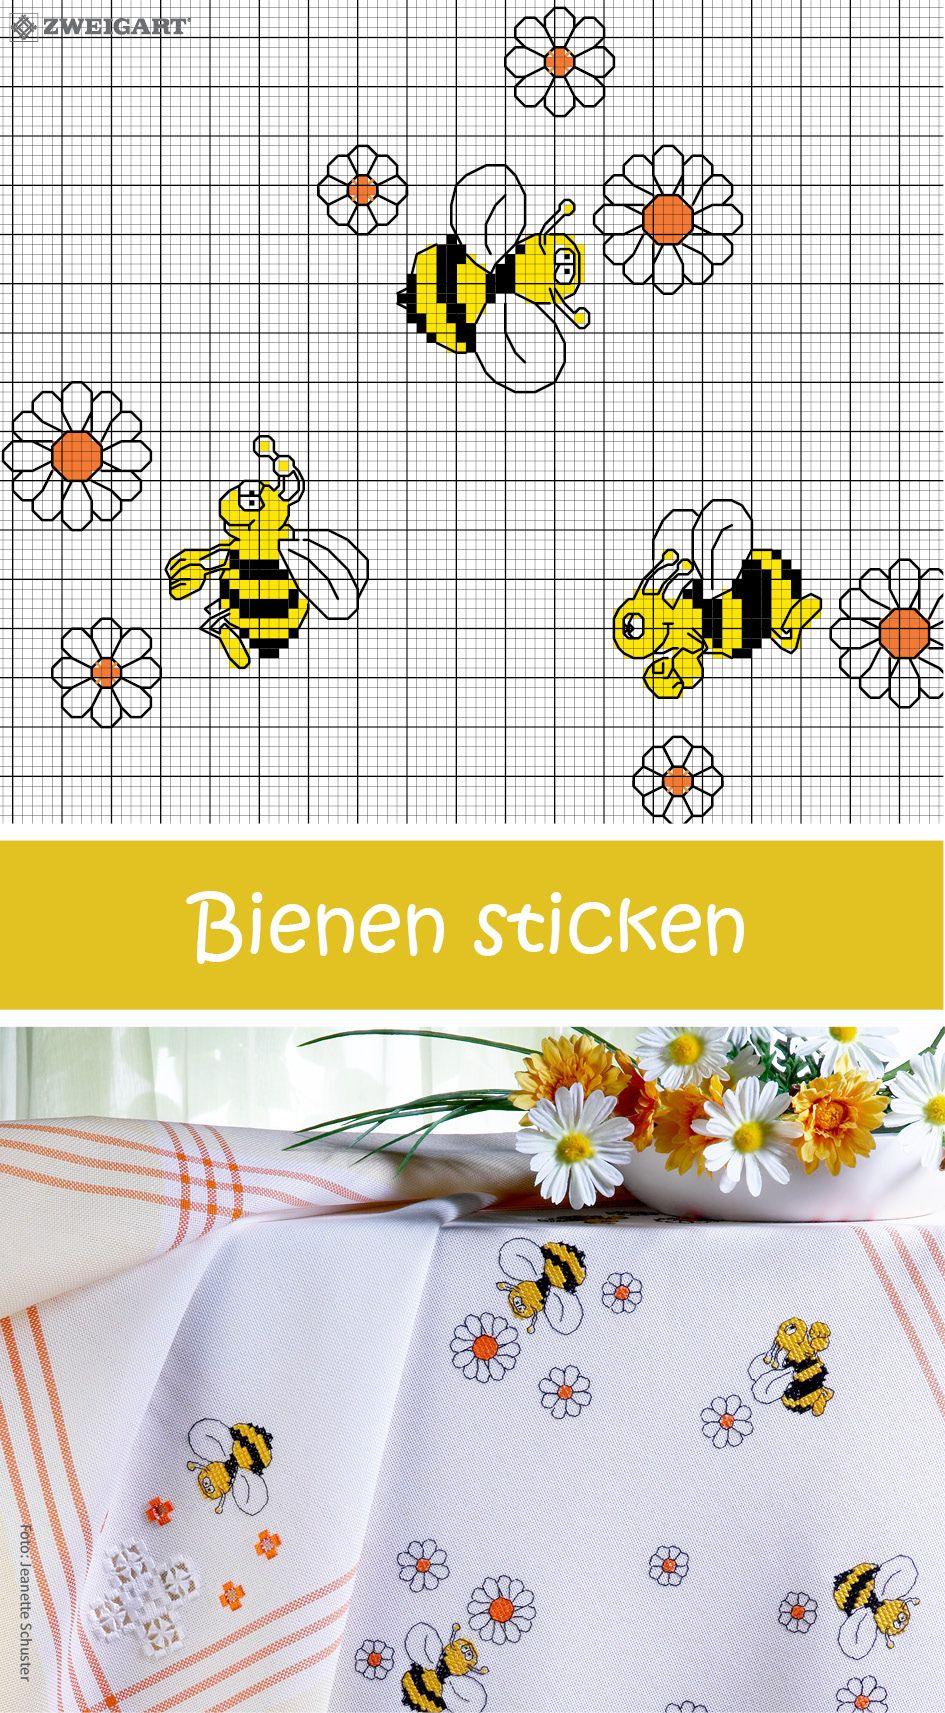 Fröhliche Bienen Sticken - Entdecke Zahlreiche Kostenlose in Stickbilder Vorlagen Kostenlos